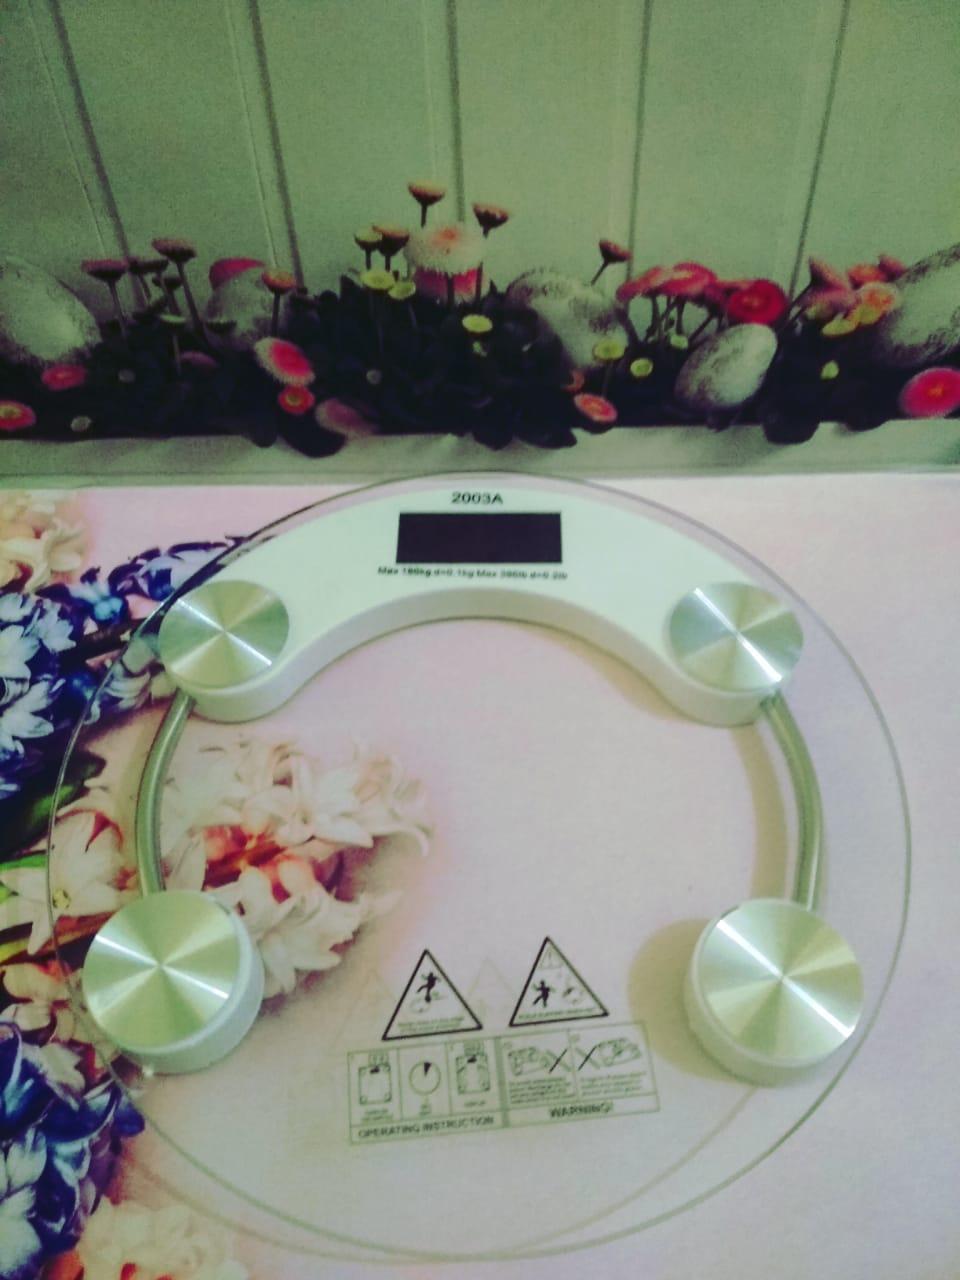 Daftar Produk Dalam Kategori Beli Timbangan Kamar Mandi Hargaupdate 26cm Badan Digital Personal Scale Weight Kaca Bulat Kecil Diameter 26 Cm Murah Terlaris